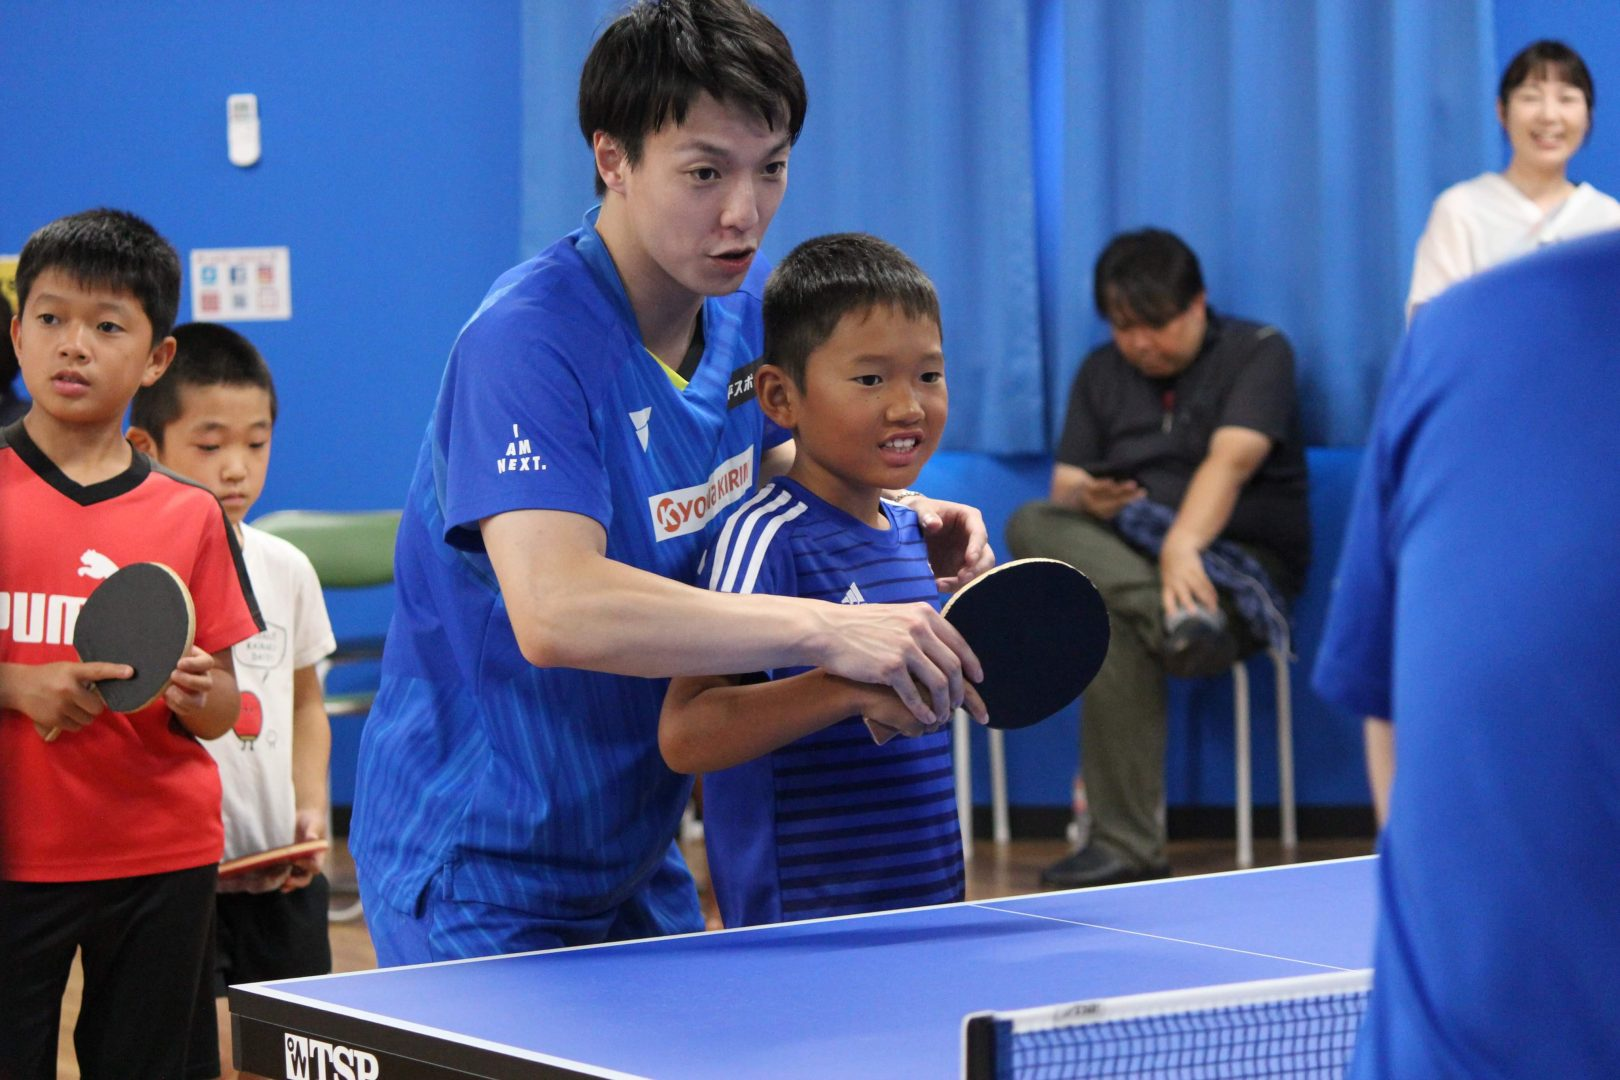 松平賢二、香川で講習会 「ボールが速すぎてラケットに当らない」と驚きの声も